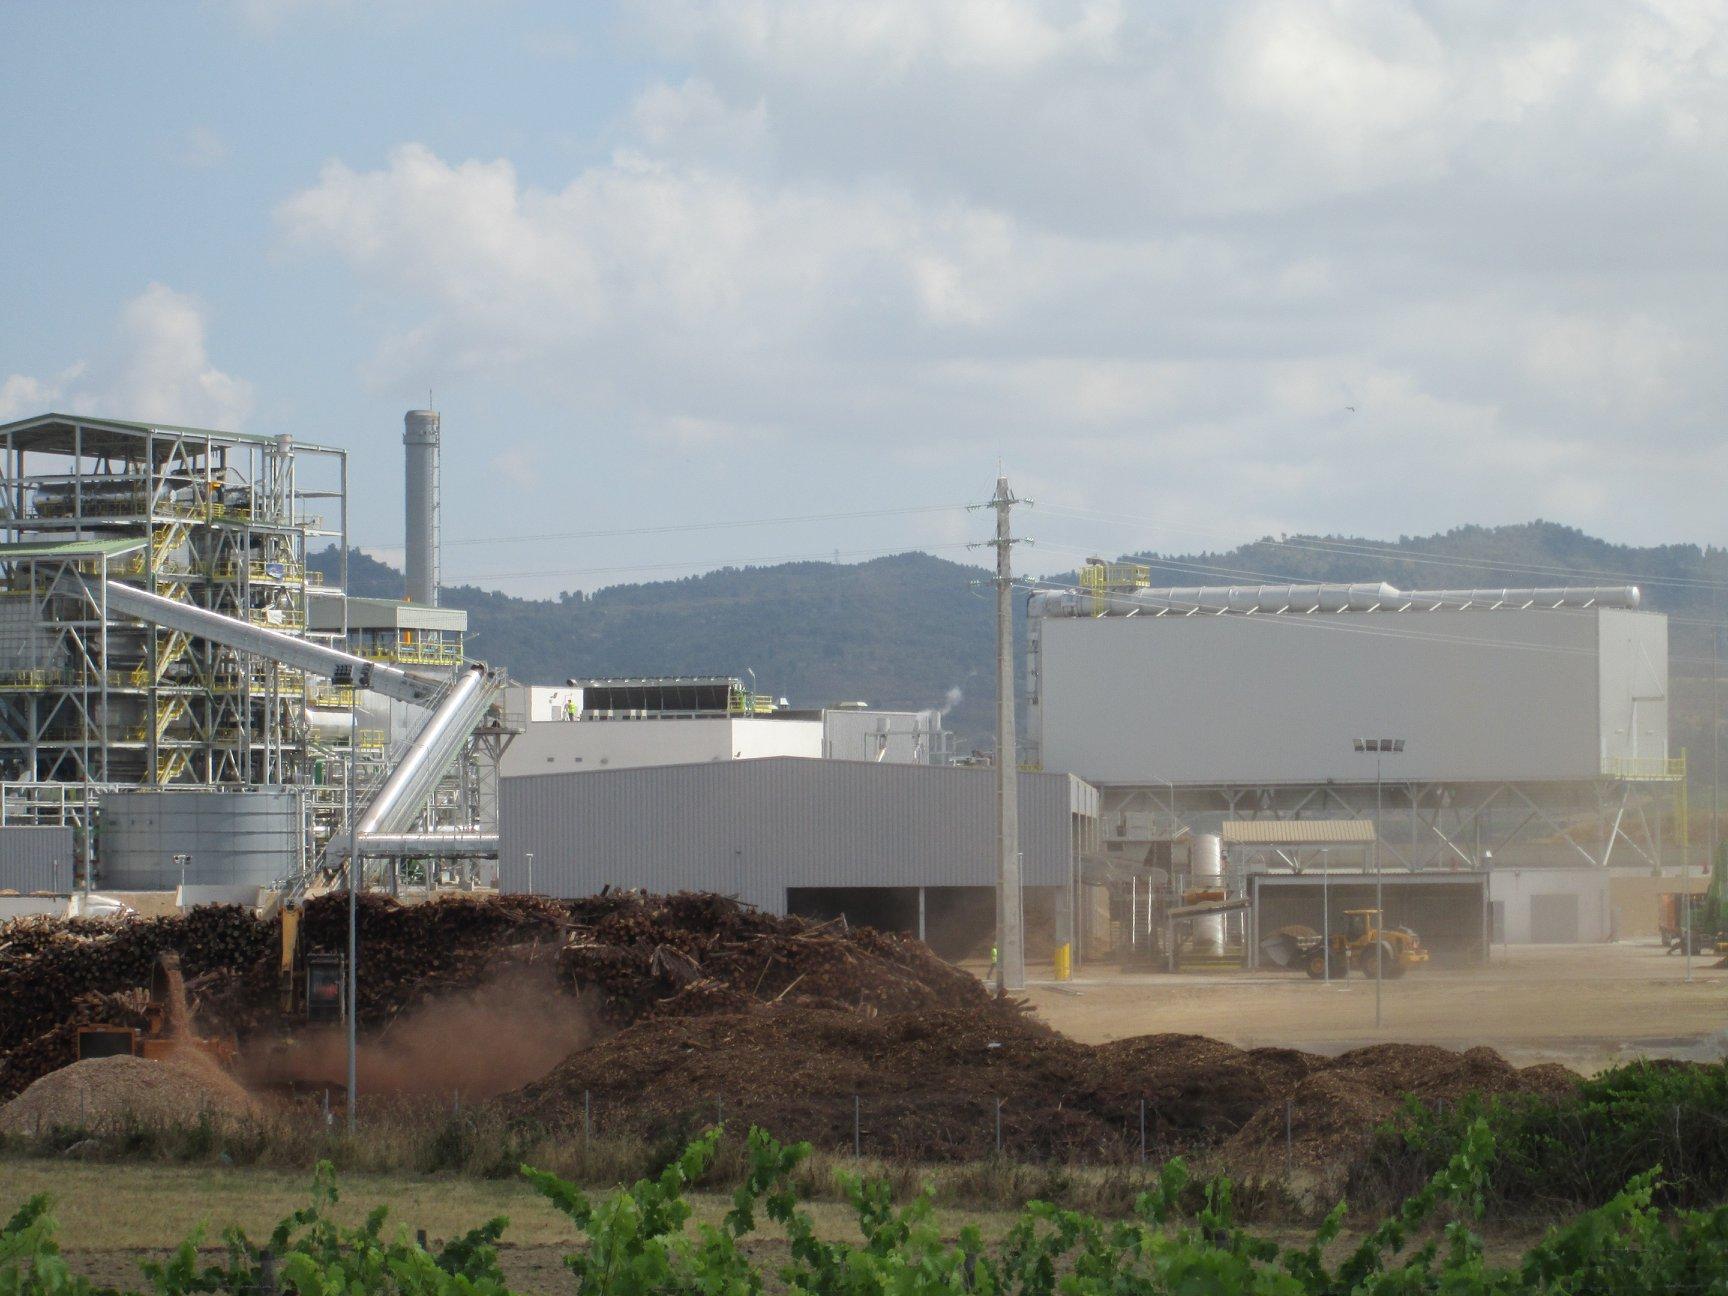 Central de Biomassa do Fundão: Matéria-prima utilizada levanta dúvidas